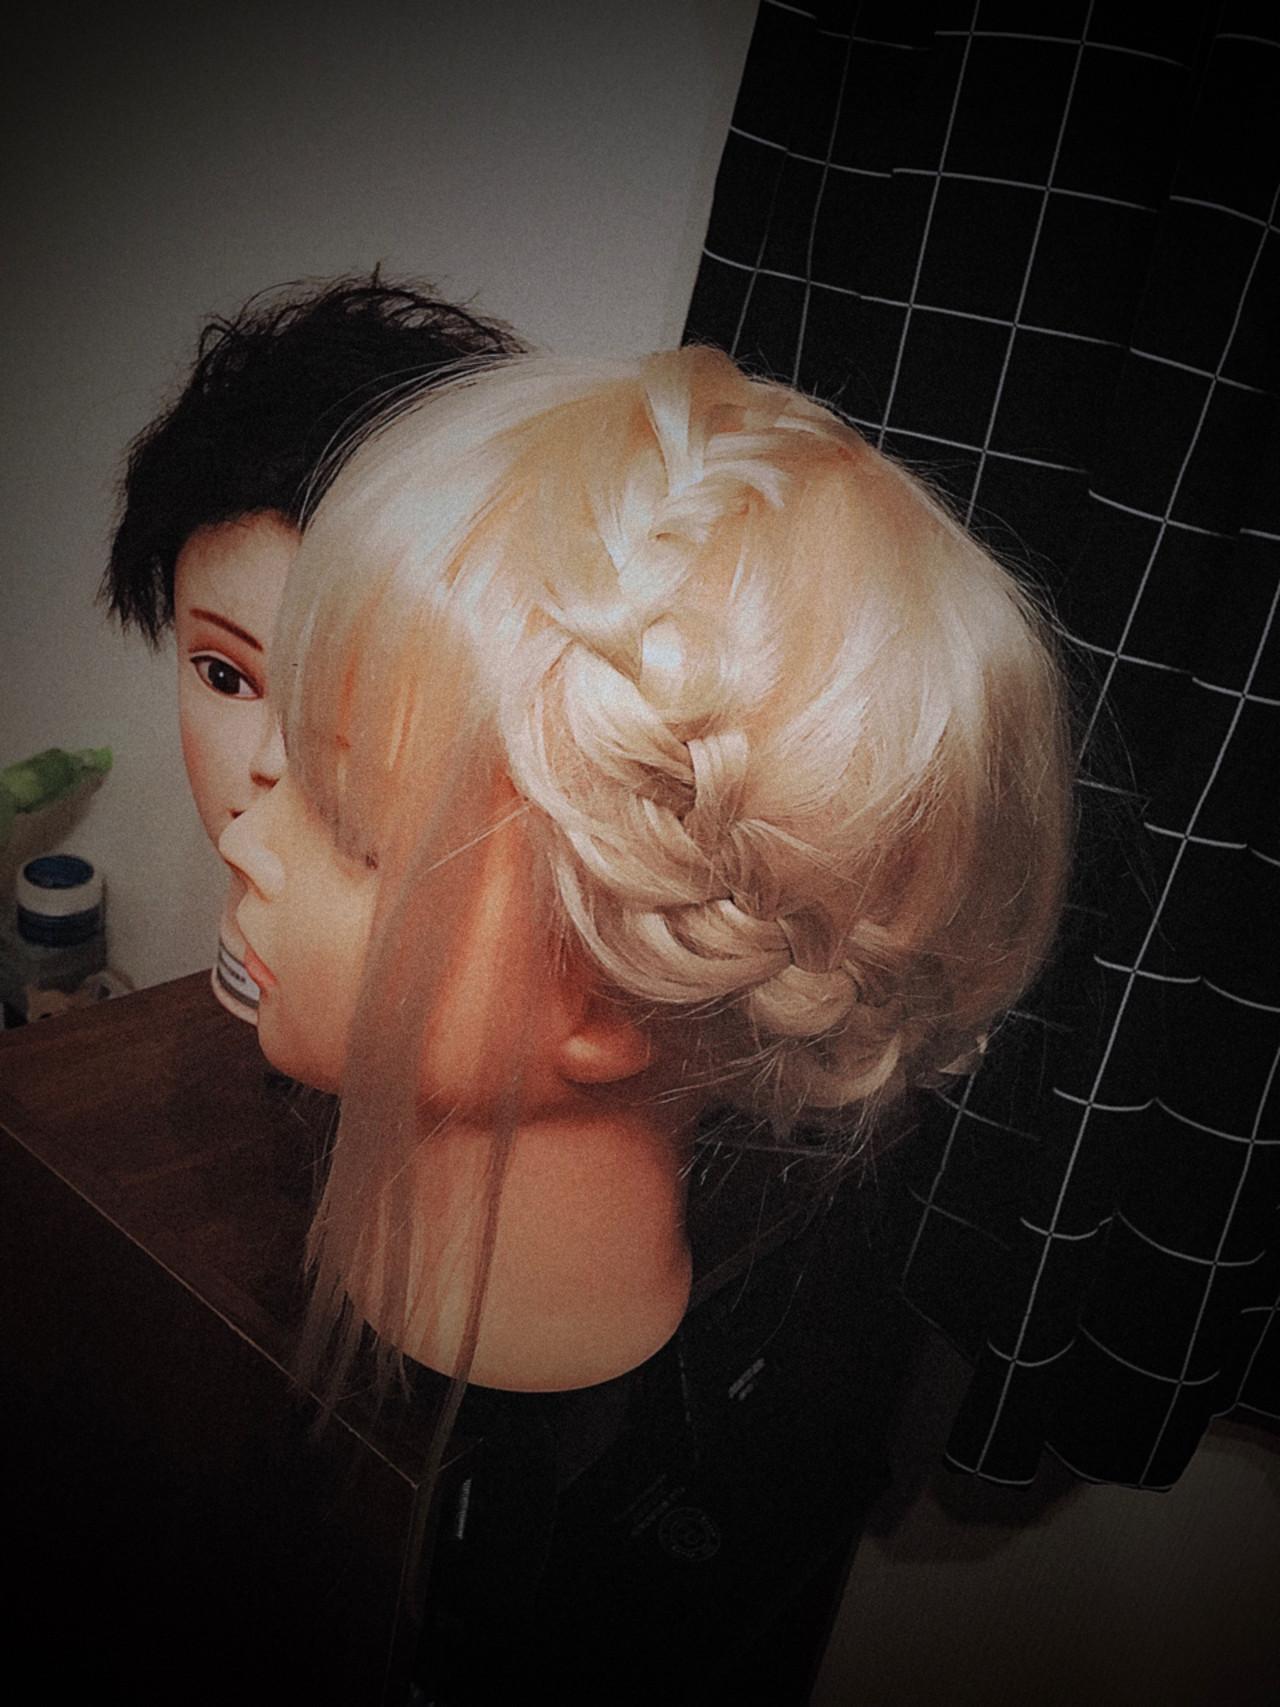 かわいい セミロング ヘアアレンジ 編み込み ヘアスタイルや髪型の写真・画像 | 宮崎モデル募集中!美容学生→正木 蓮 / 宮崎サザンビューティ